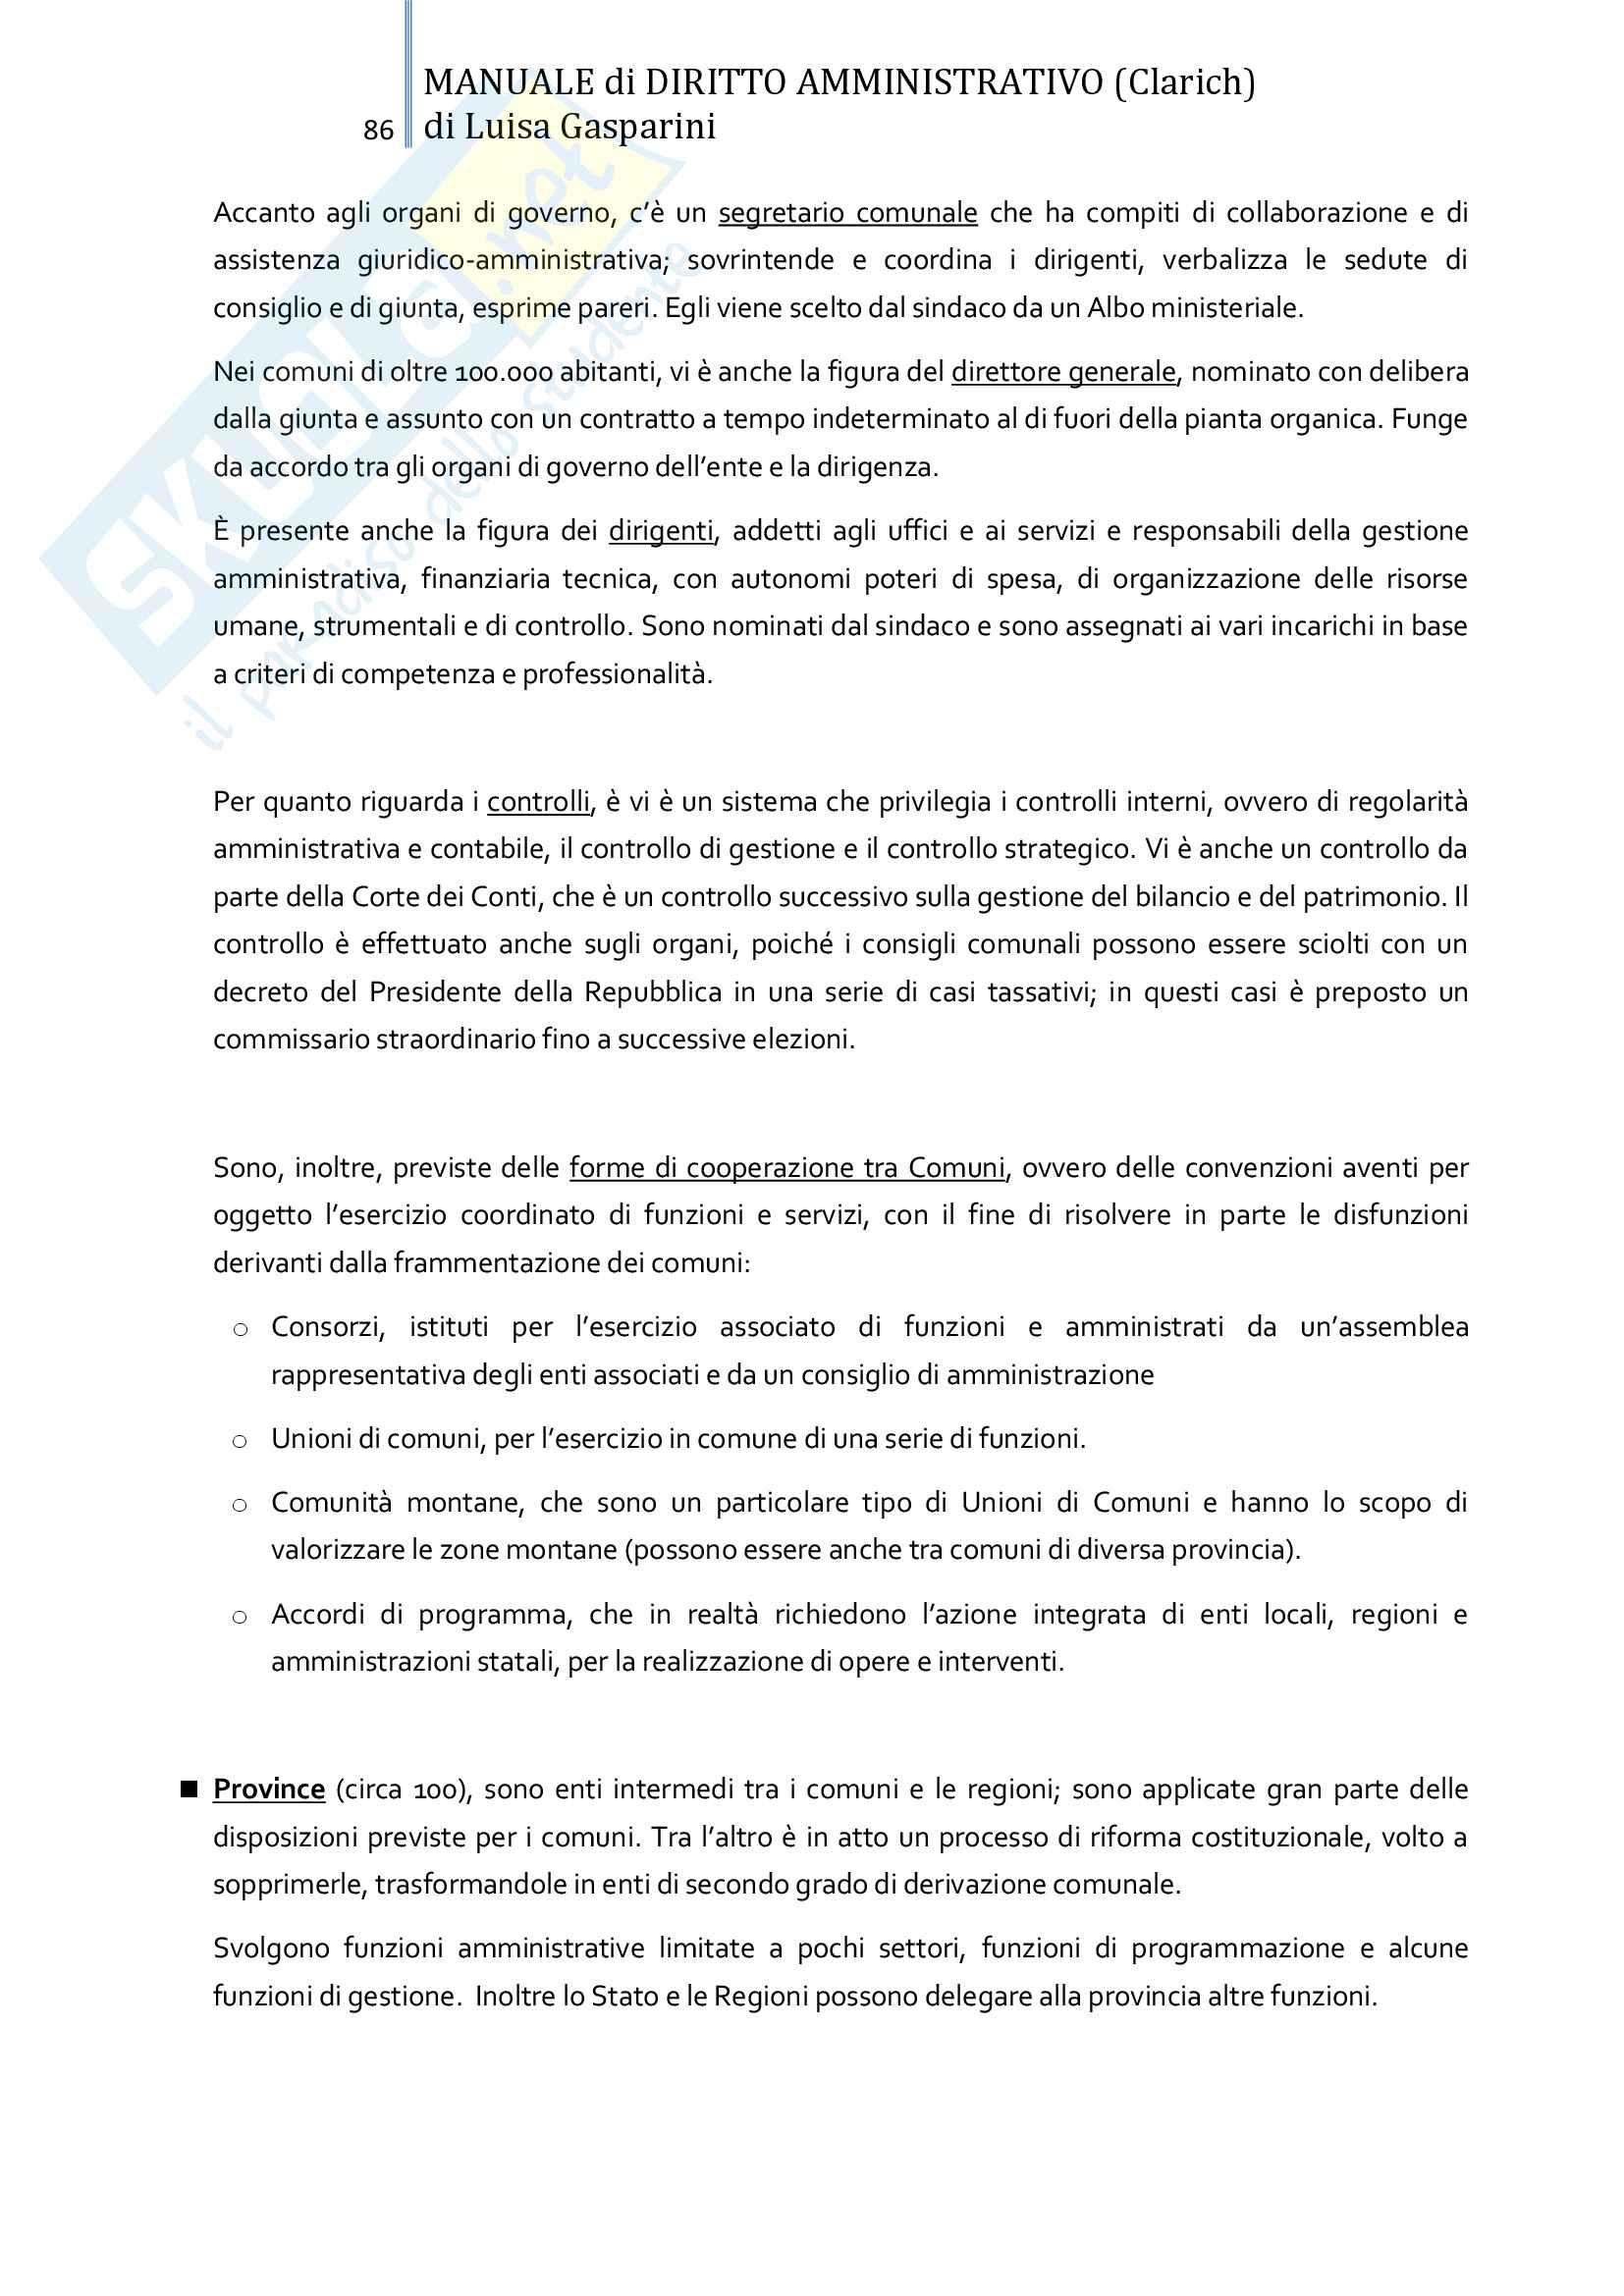 Riassunto esame Diritto amministrativo, professor Leonardi. Testo consigliato Manuale di Diritto Amministrativo, Clarich Pag. 86